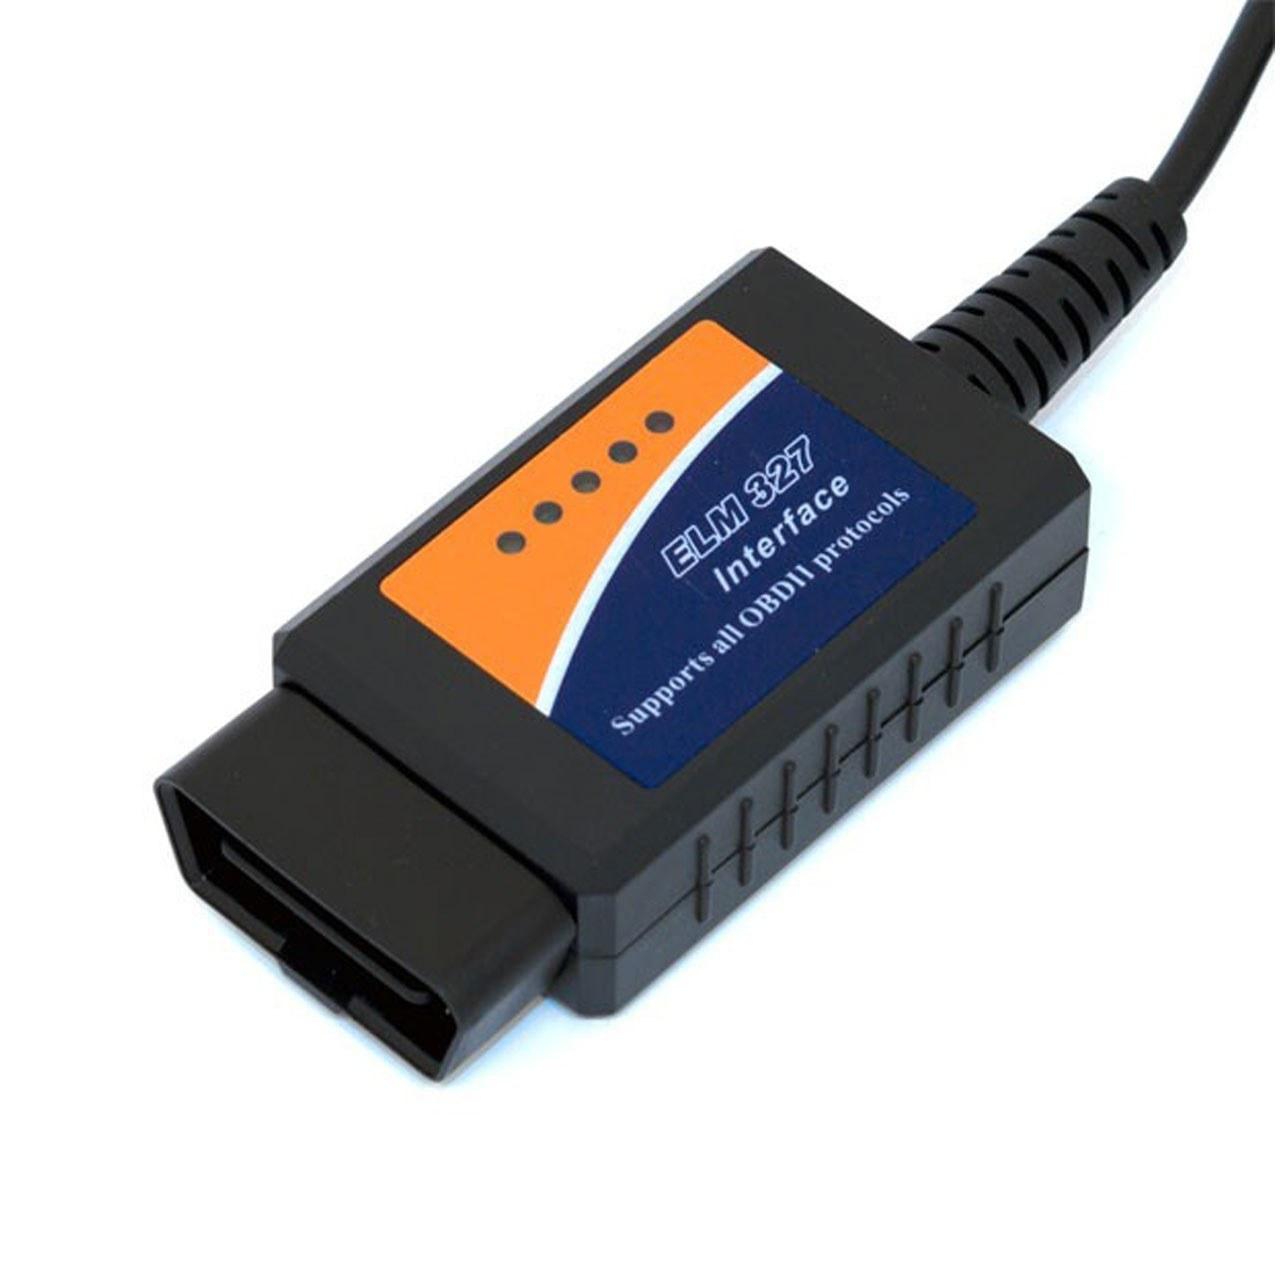 تصویر دستگاه دیاگ خودرو با کابل OBDII ELM327 USB